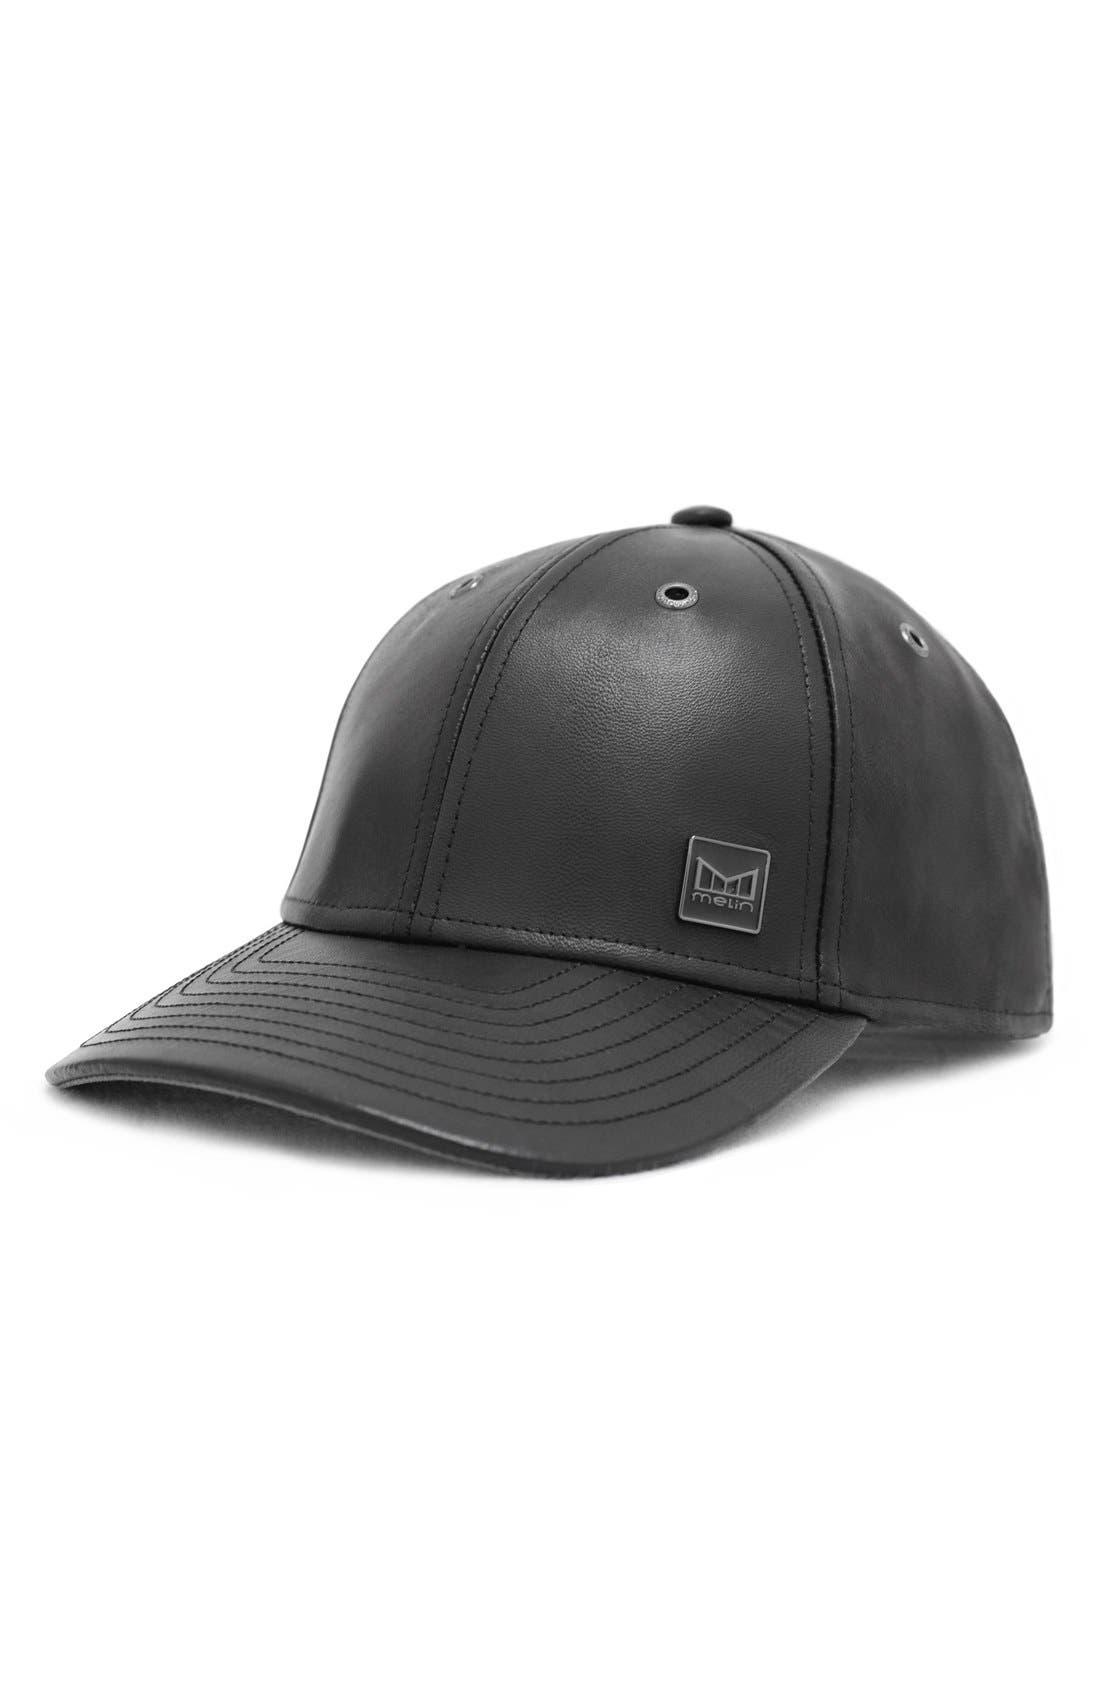 MELIN 'The Voyage' Baseball Cap - Black in Black/ Black